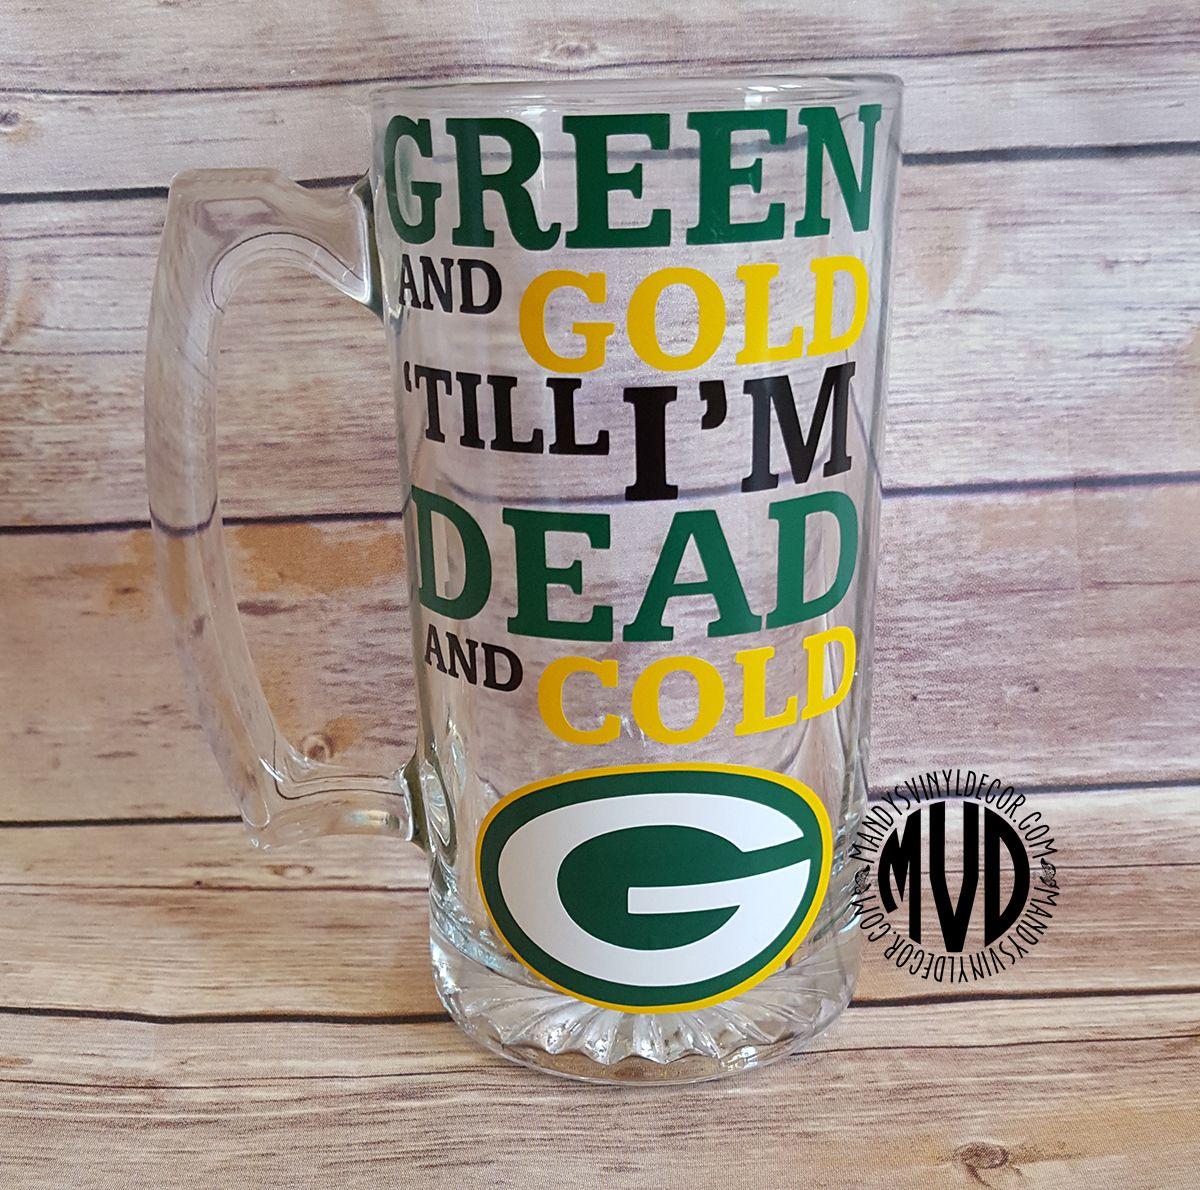 Green And Gold Till I M Dead And Cold Green Bay Packers Beer Mug Mugs Beer Mug Beer Mugs